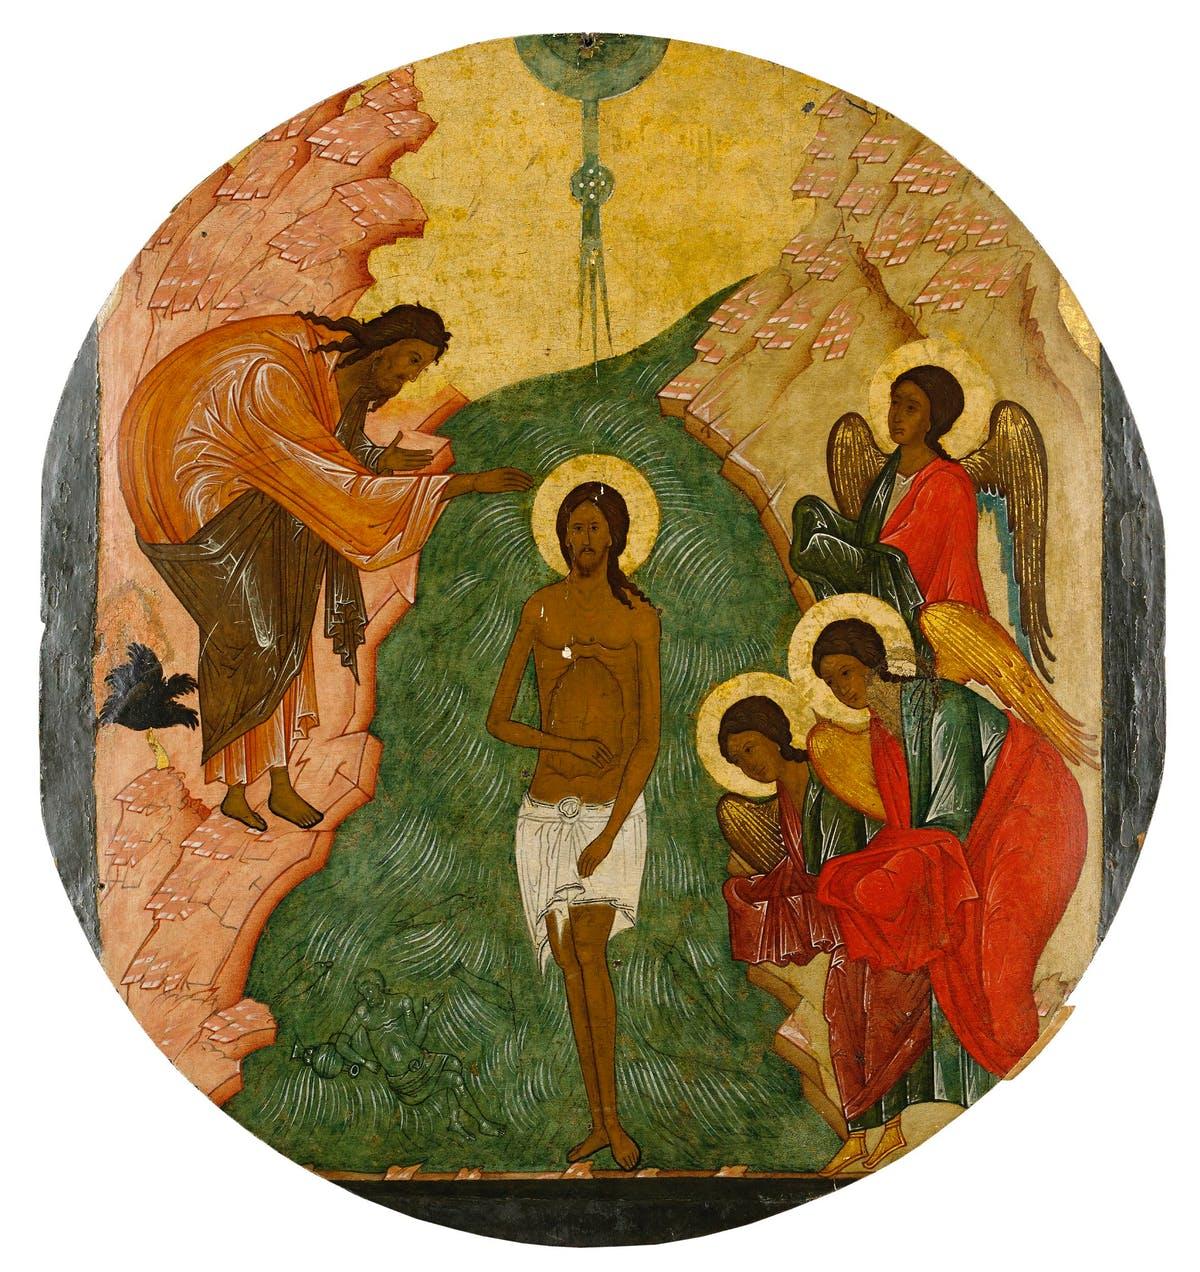 Ikon som visar Jesu dop. Detta examplar såldes via Stockholms Auktionsverk för 1 050 000 sek. Bild: Stockholms Auktionsverk